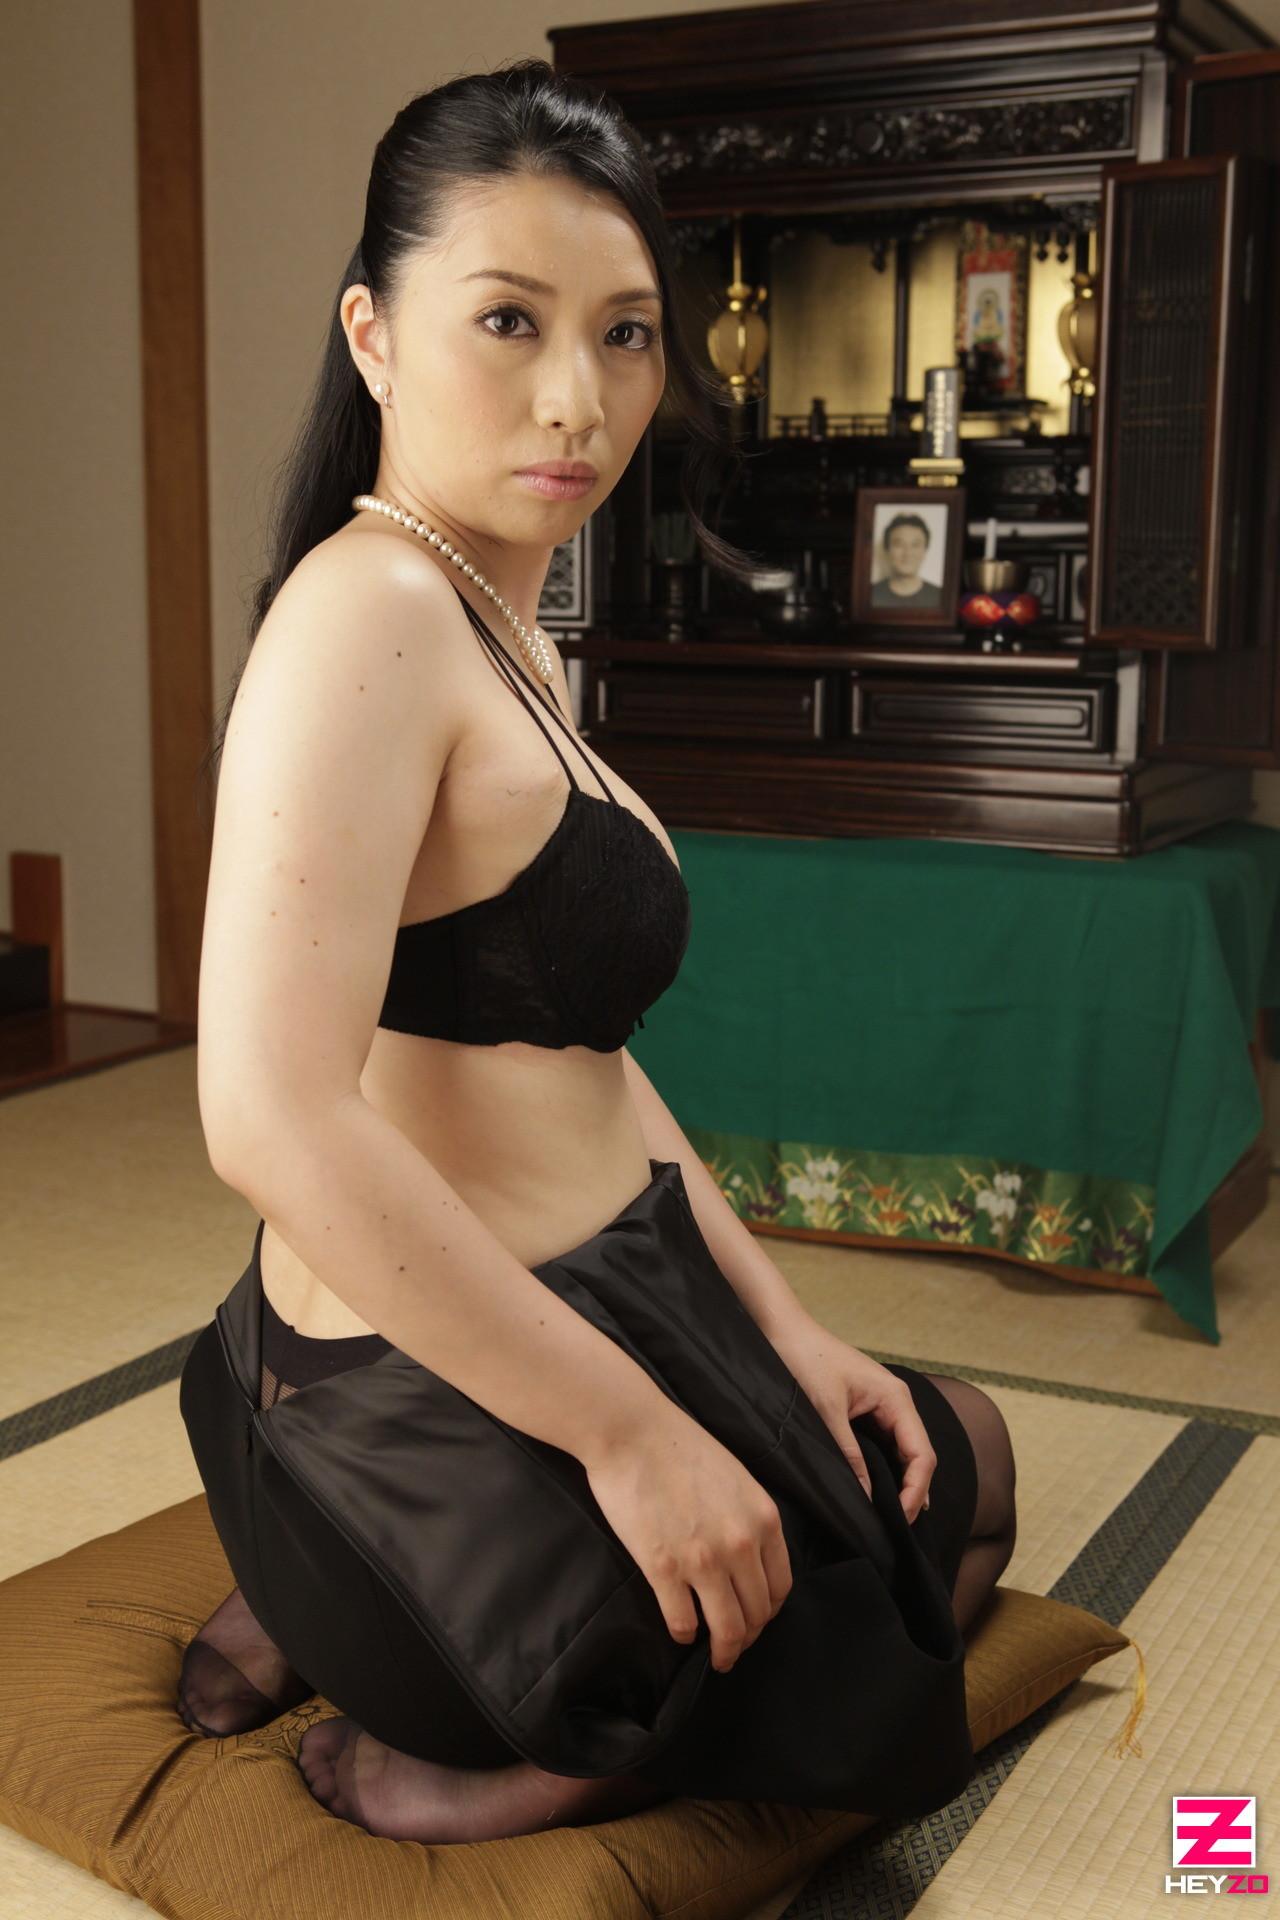 Девушка с узкими глазами Цуяко Йошино делает селфи раздетой